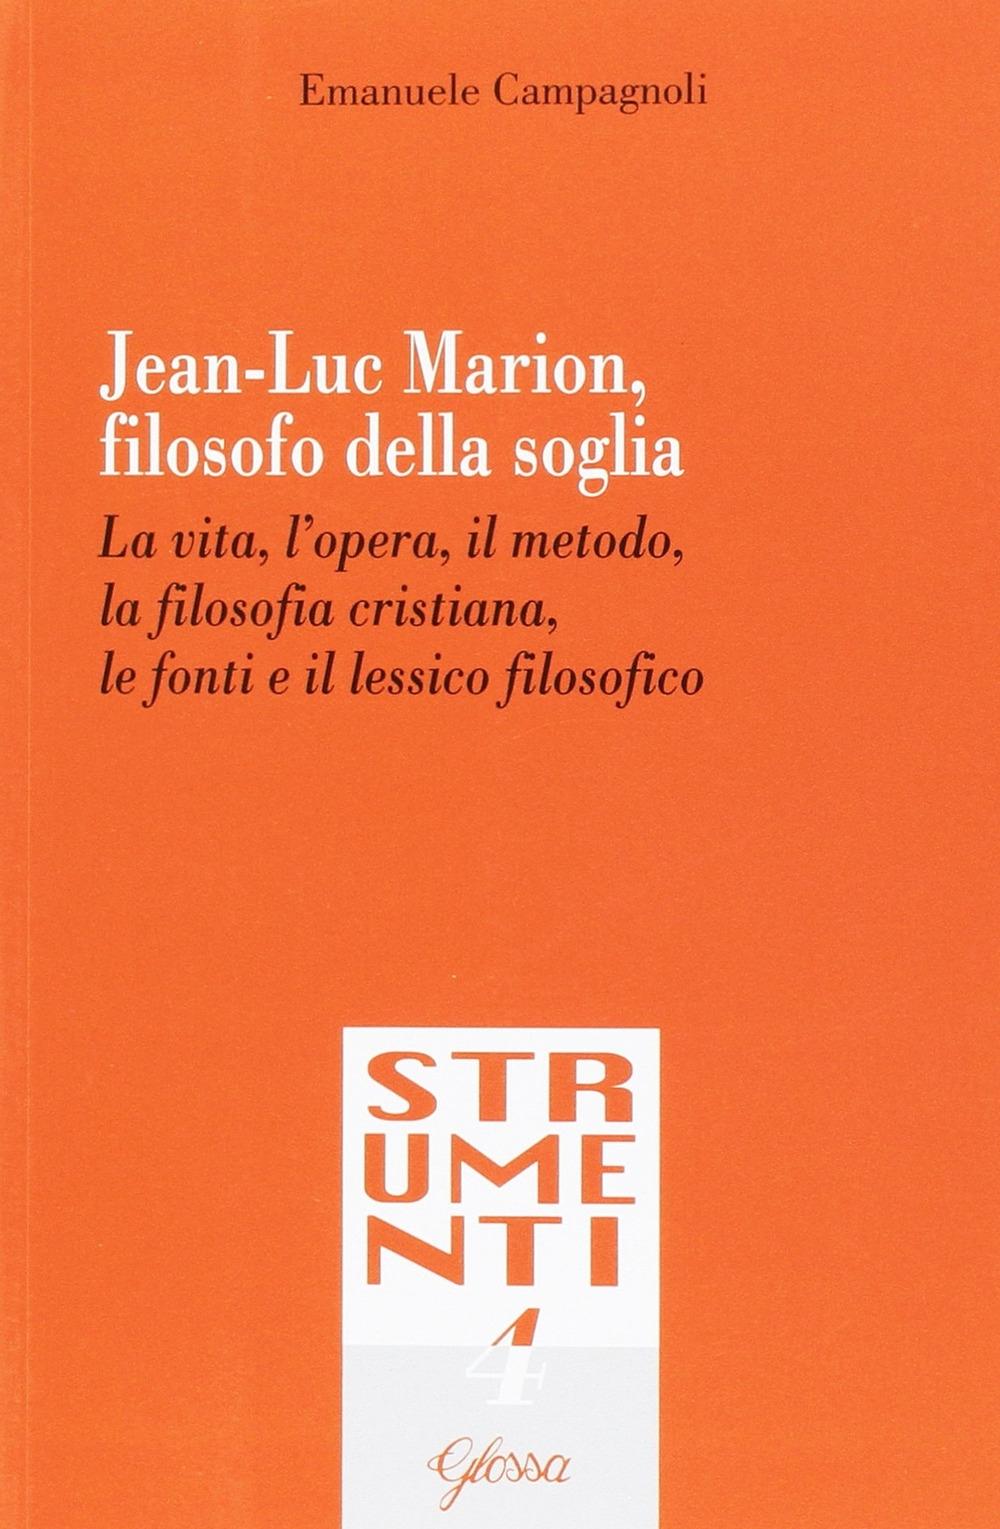 Jean-Luc Marion, filosofo della soglia. La vita, l'opera, il metodo, la filosofia cristiana, le fonti e il lessico filosofico